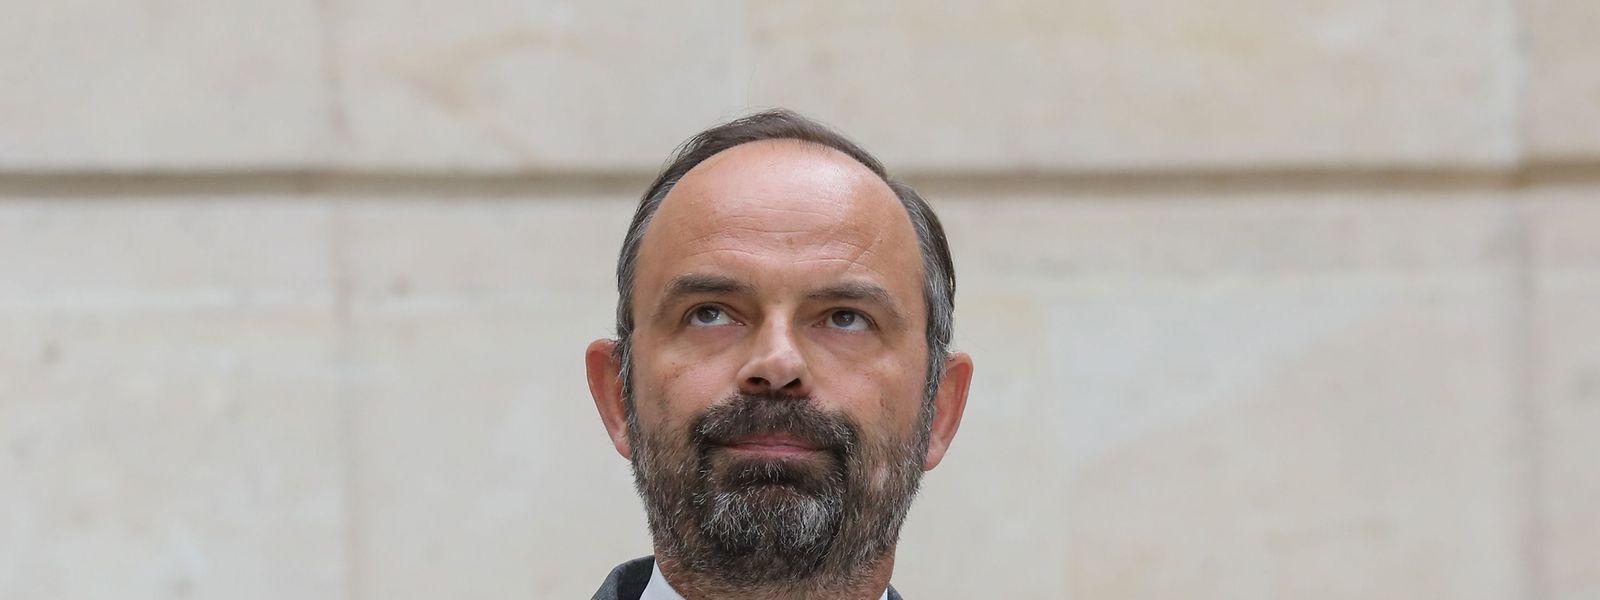 Edouard Philippe, Premier ministre français, a assuré jeudi que les présidents de conseil départemental pourraient ajuster la vitesse maximale sur les routes secondaires.